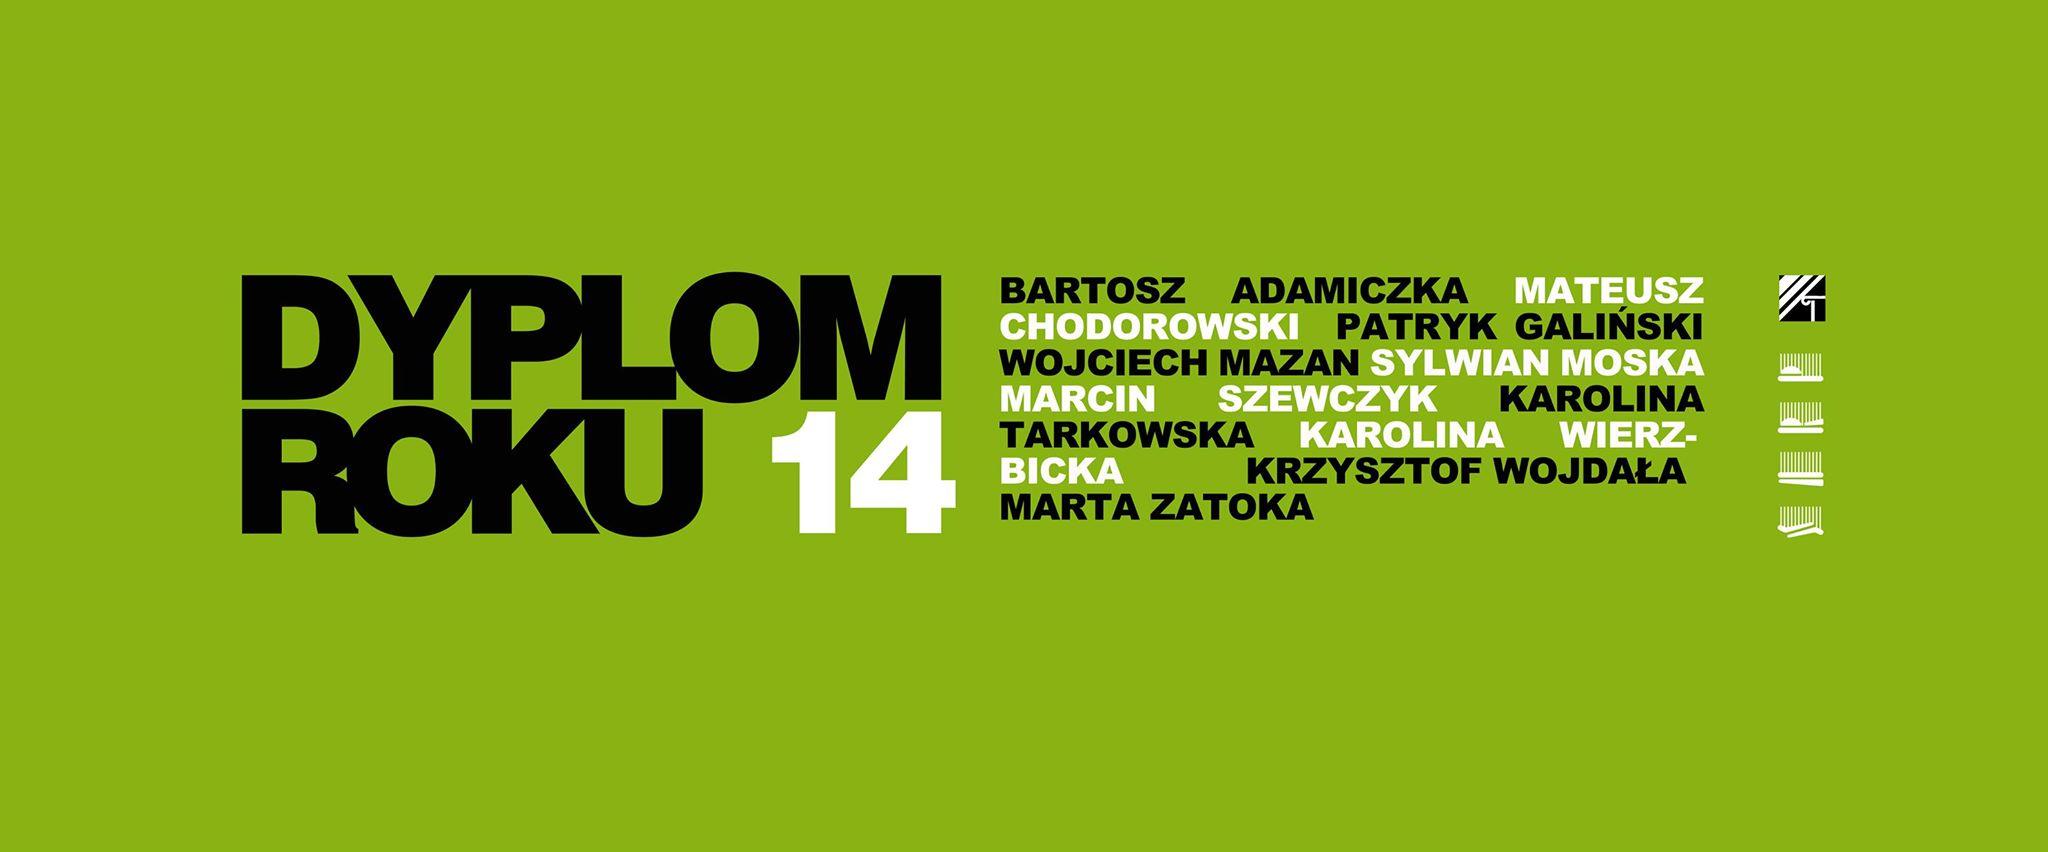 2015-02 - Zapraszamy na prezentację Bartosza Adamiczki w Muzeum Architektury (1)